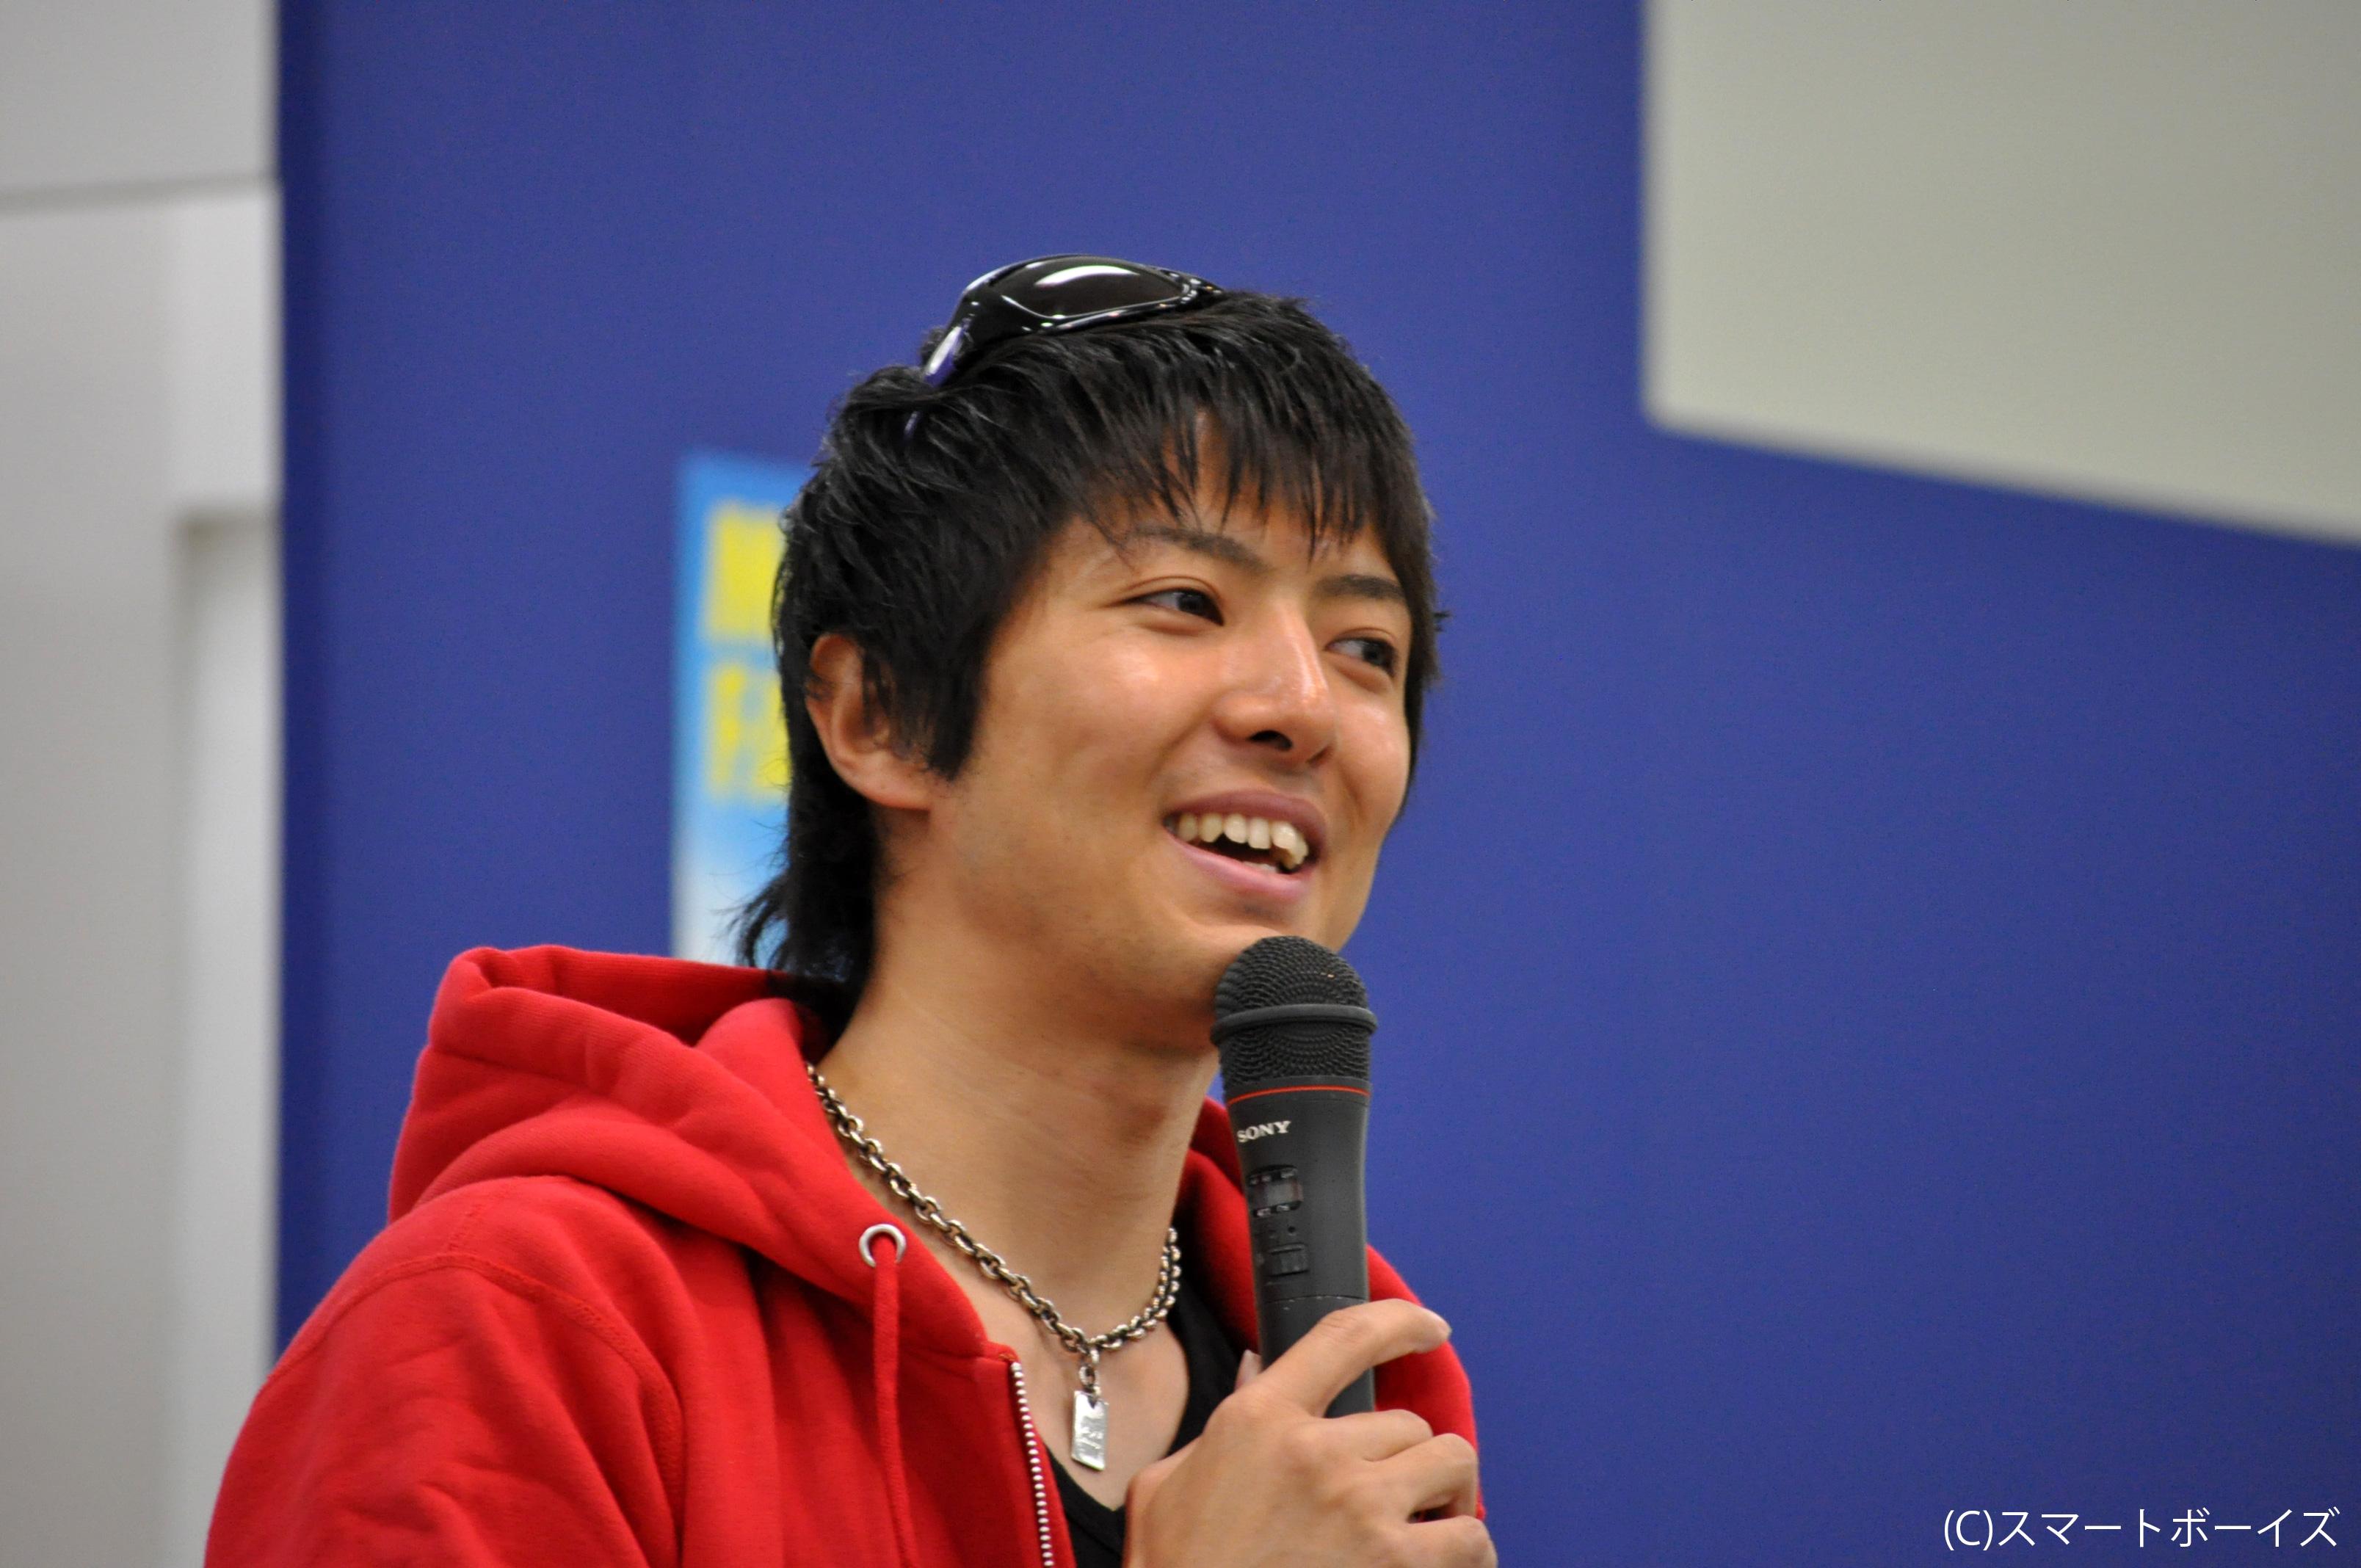 齋藤ヤスカがハマった!水中での新たな挑戦をトークショーで生公開 ...